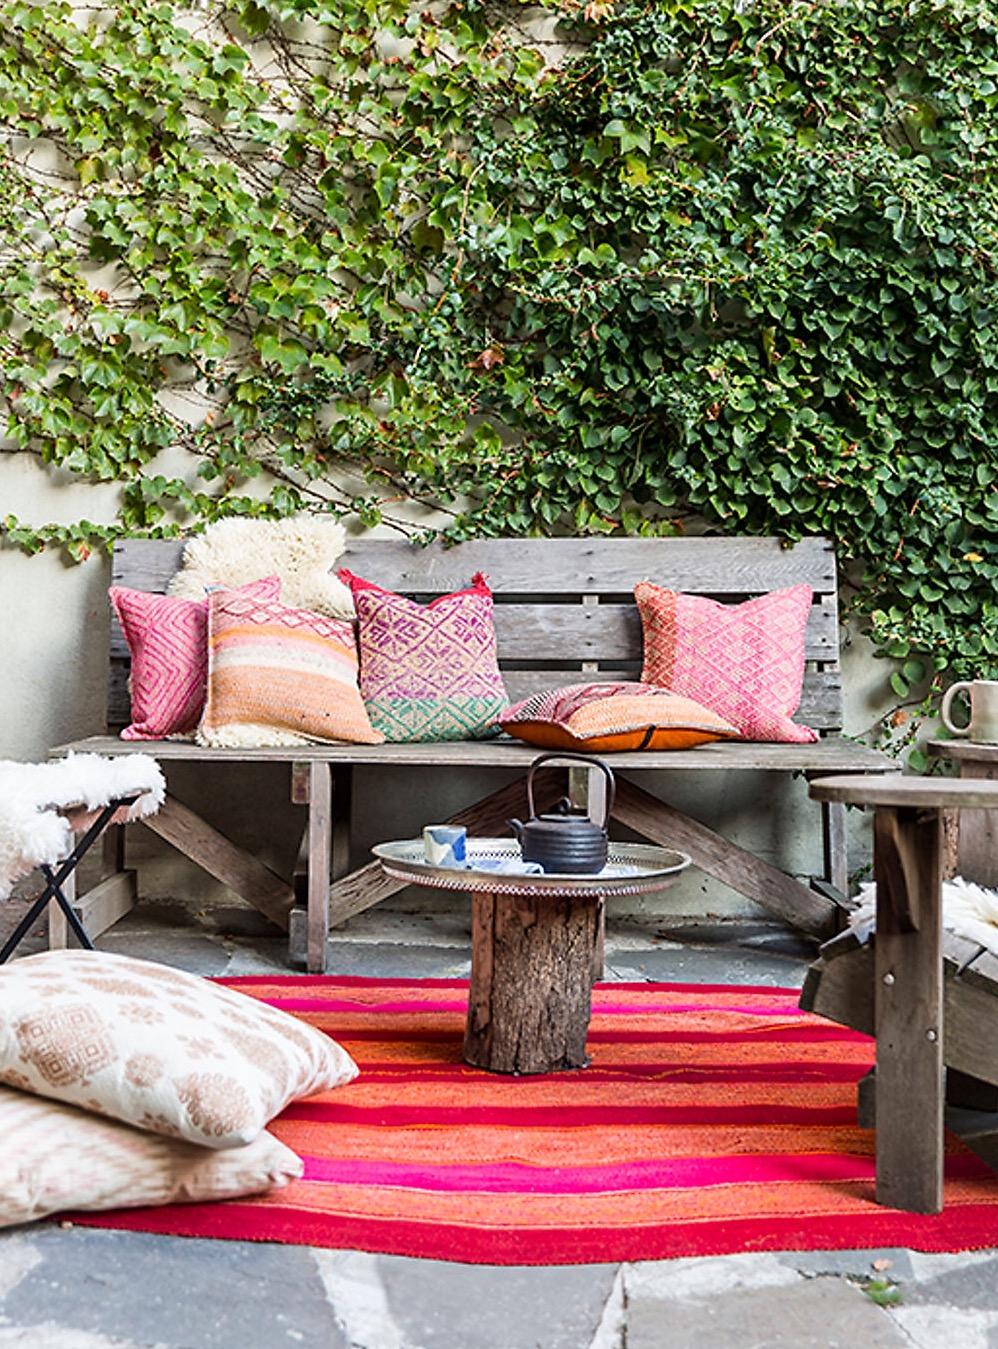 терраса уличная садовая мебель подушки ковер